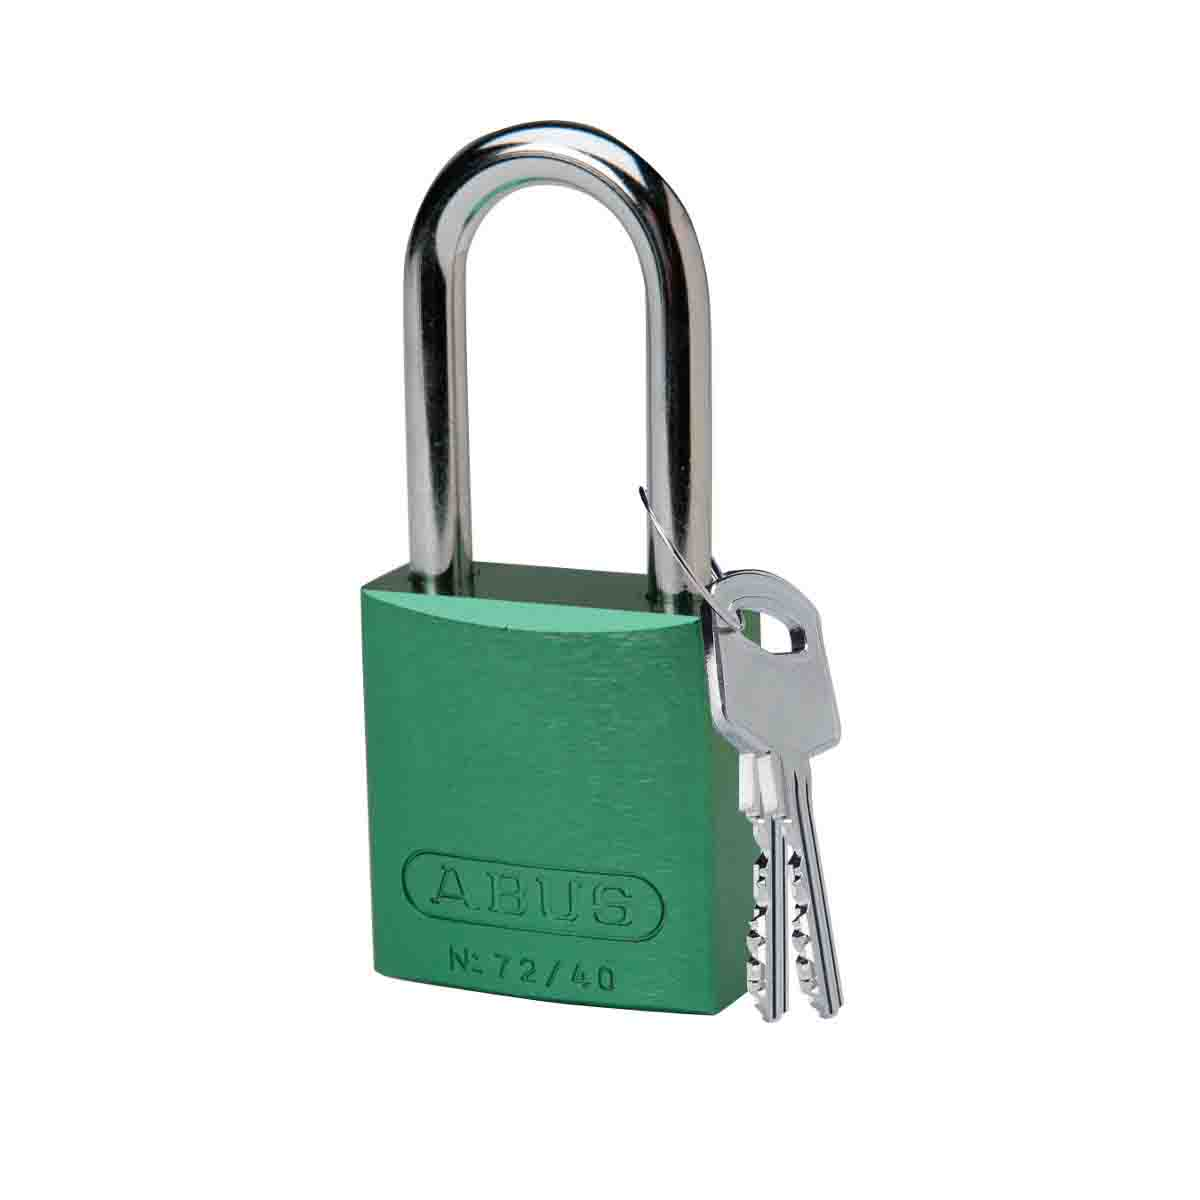 BRADY 99617 Abus Aluminum Padlock,1.5 In Kd Green